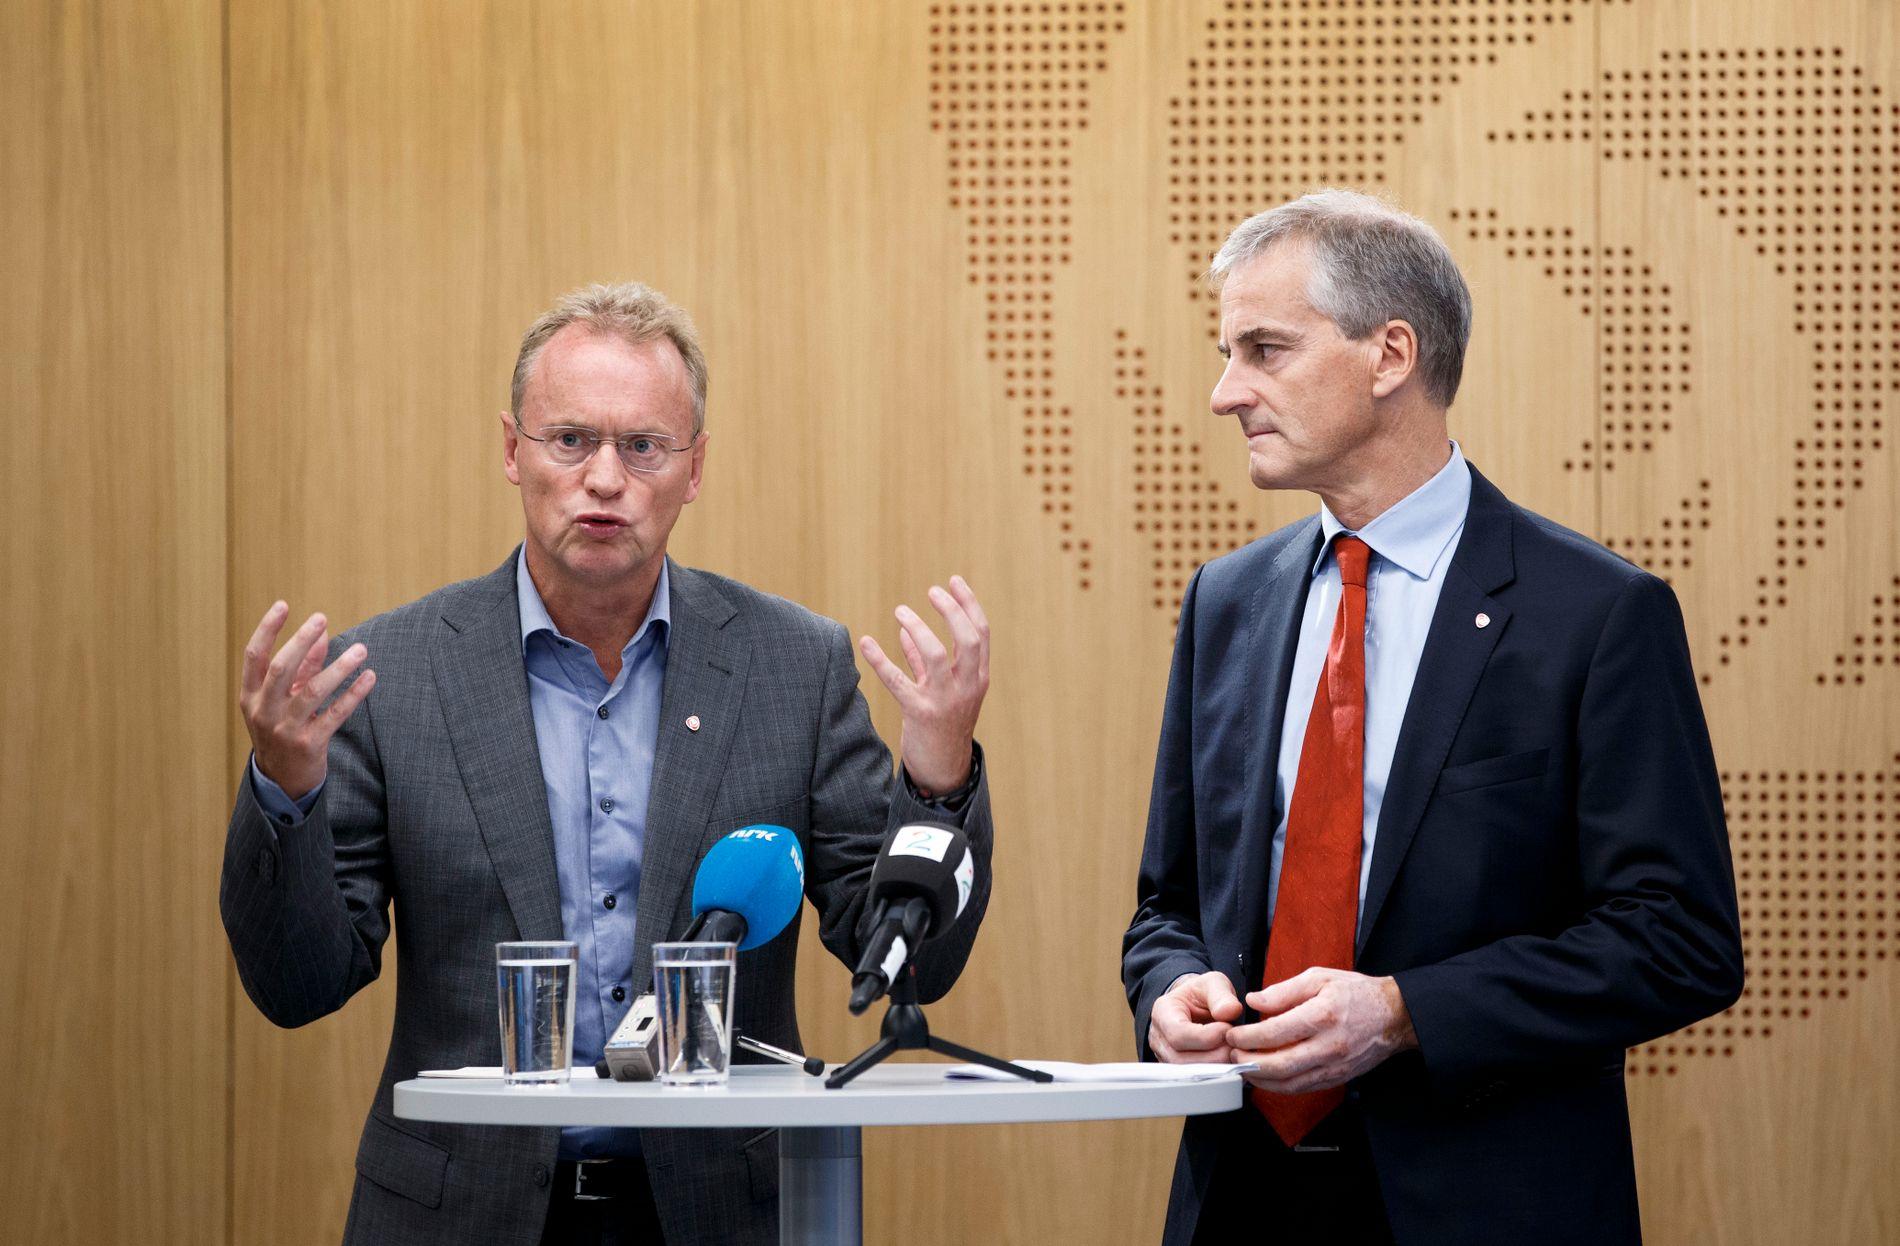 KOLLIDERER: Ap-leder Jonas Gahr Støre og byrådsleder Raymond Johansen (t.v) er uenige om fremdrift og utbygging av ny E18 fra Oslo til Asker.